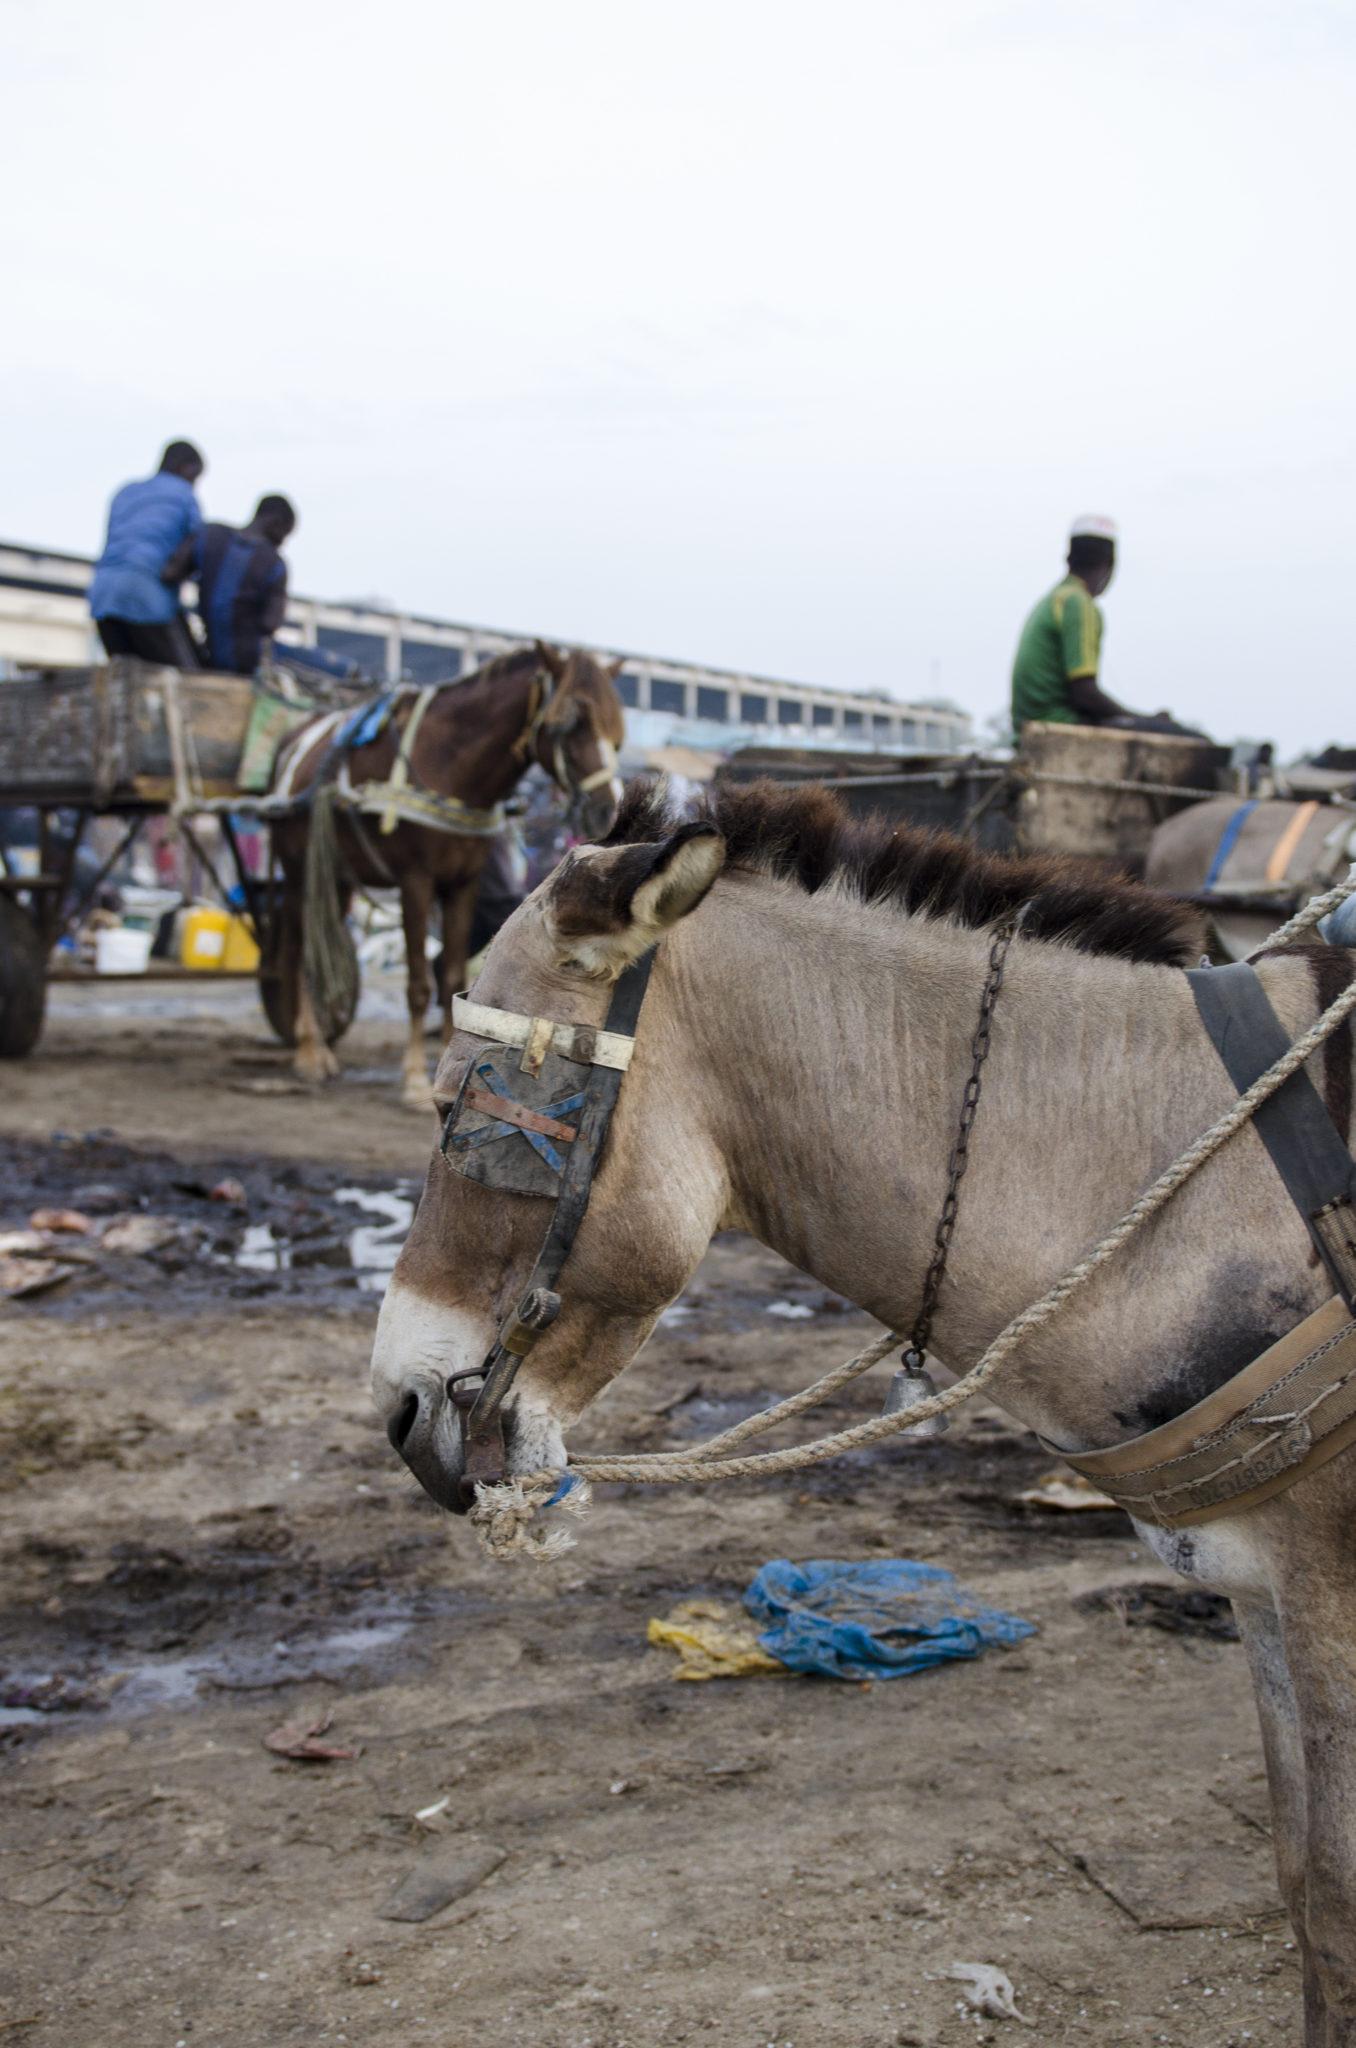 Fish-Market-Mbour-Horse